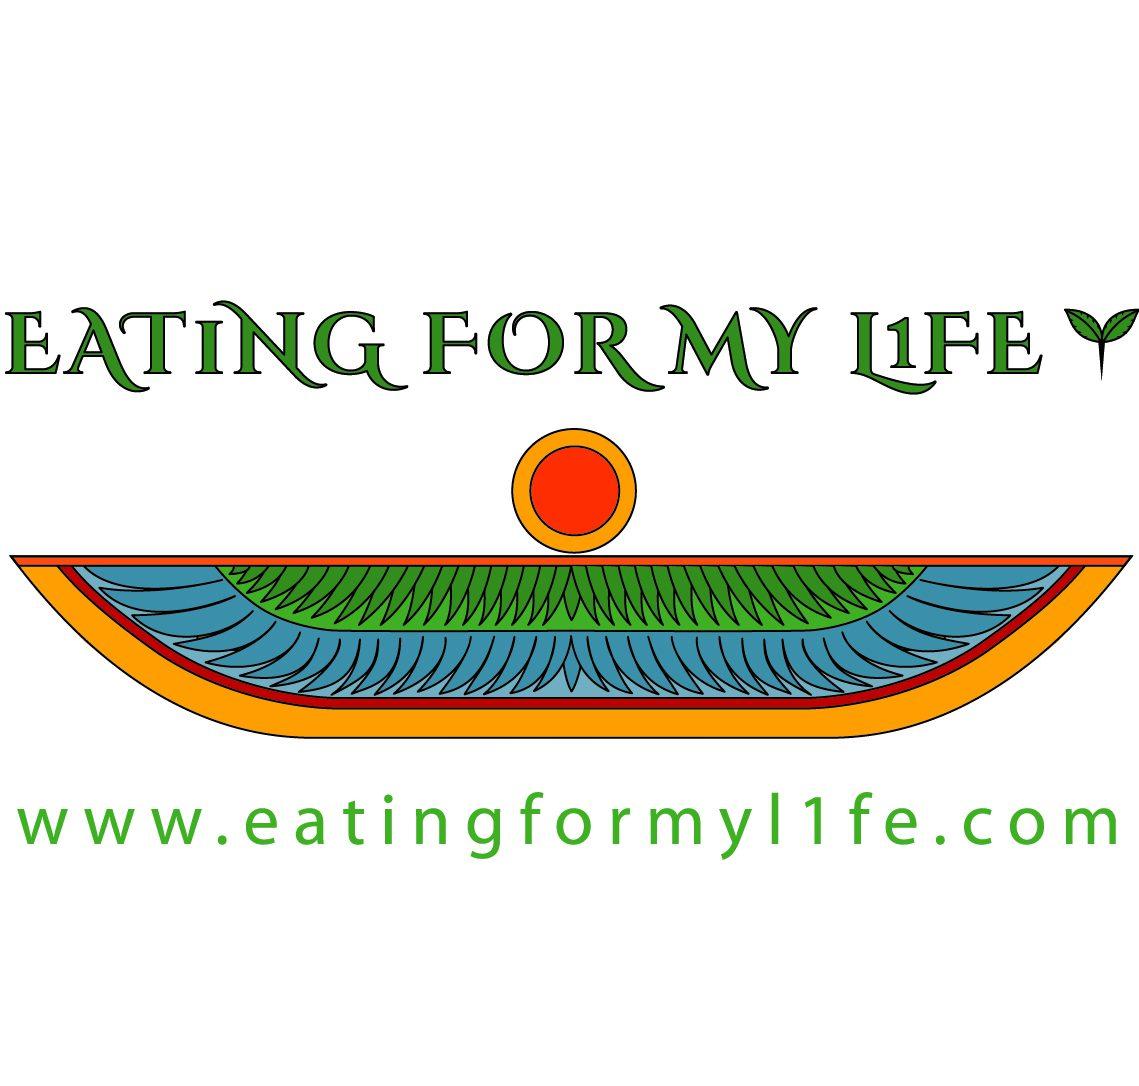 EatingForMyL1fe